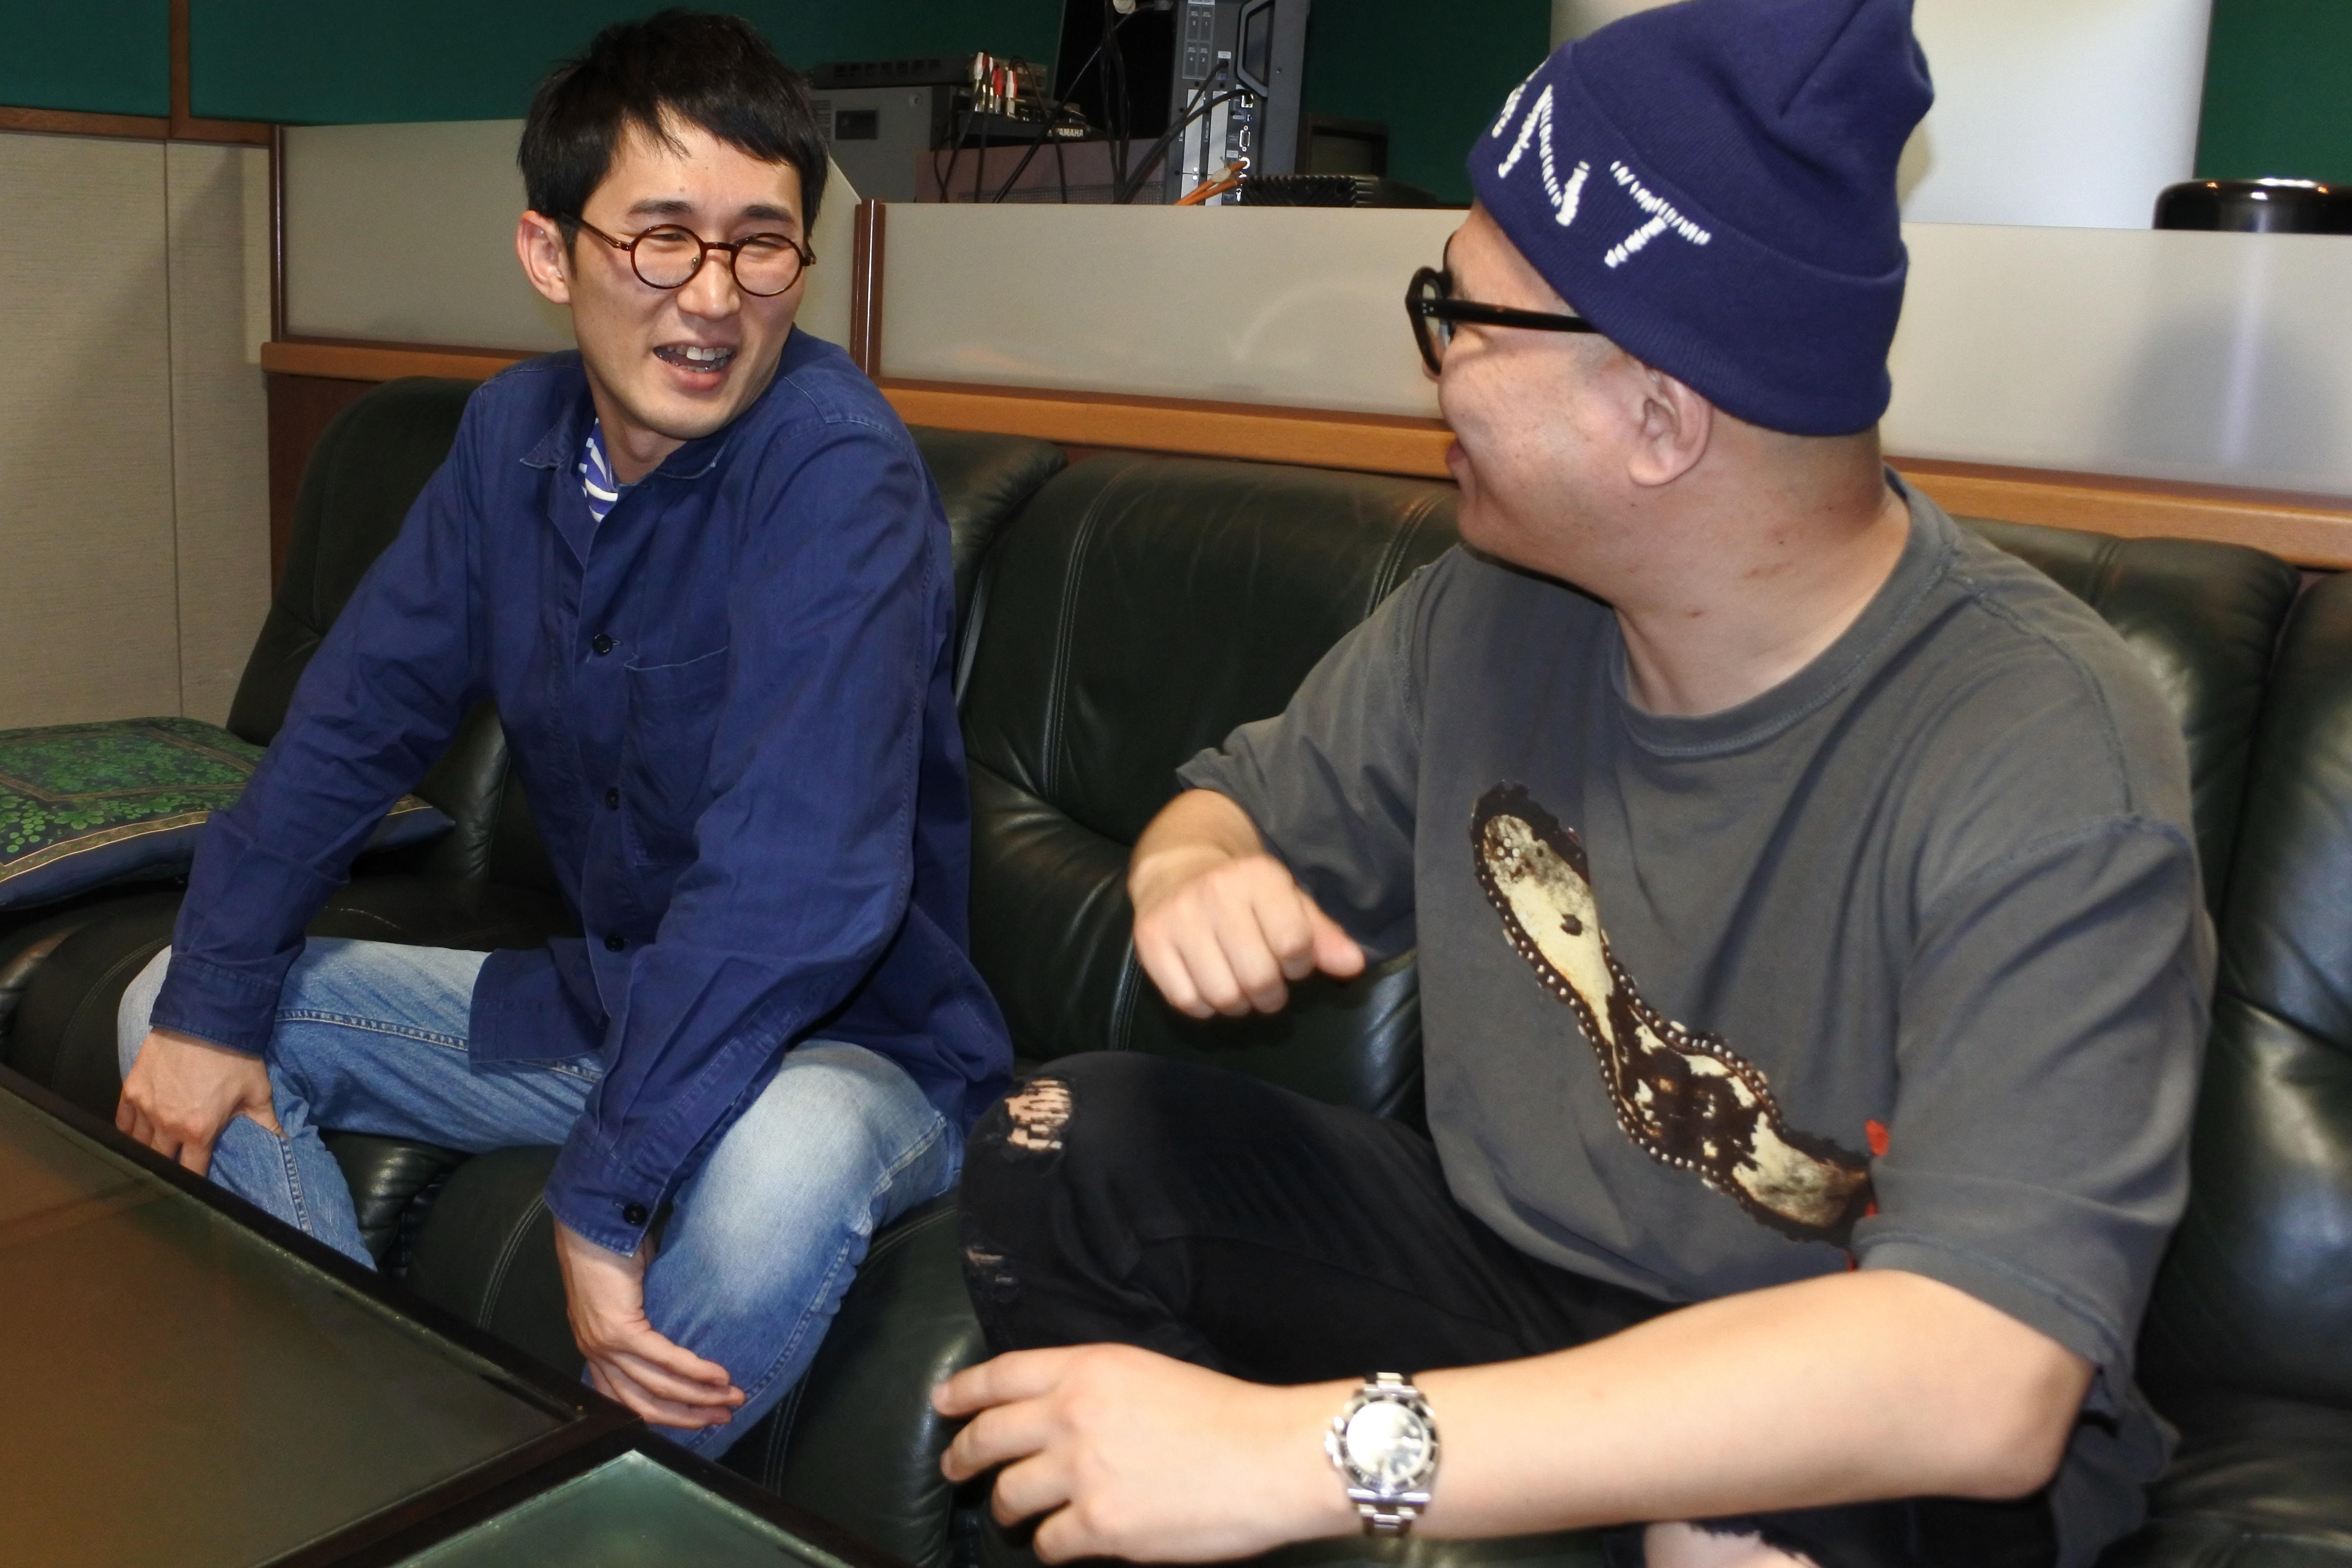 http://news.yoshimoto.co.jp/20180213180837-738934f1a650d2165bbc24a296c70e30f67fedbe.jpg